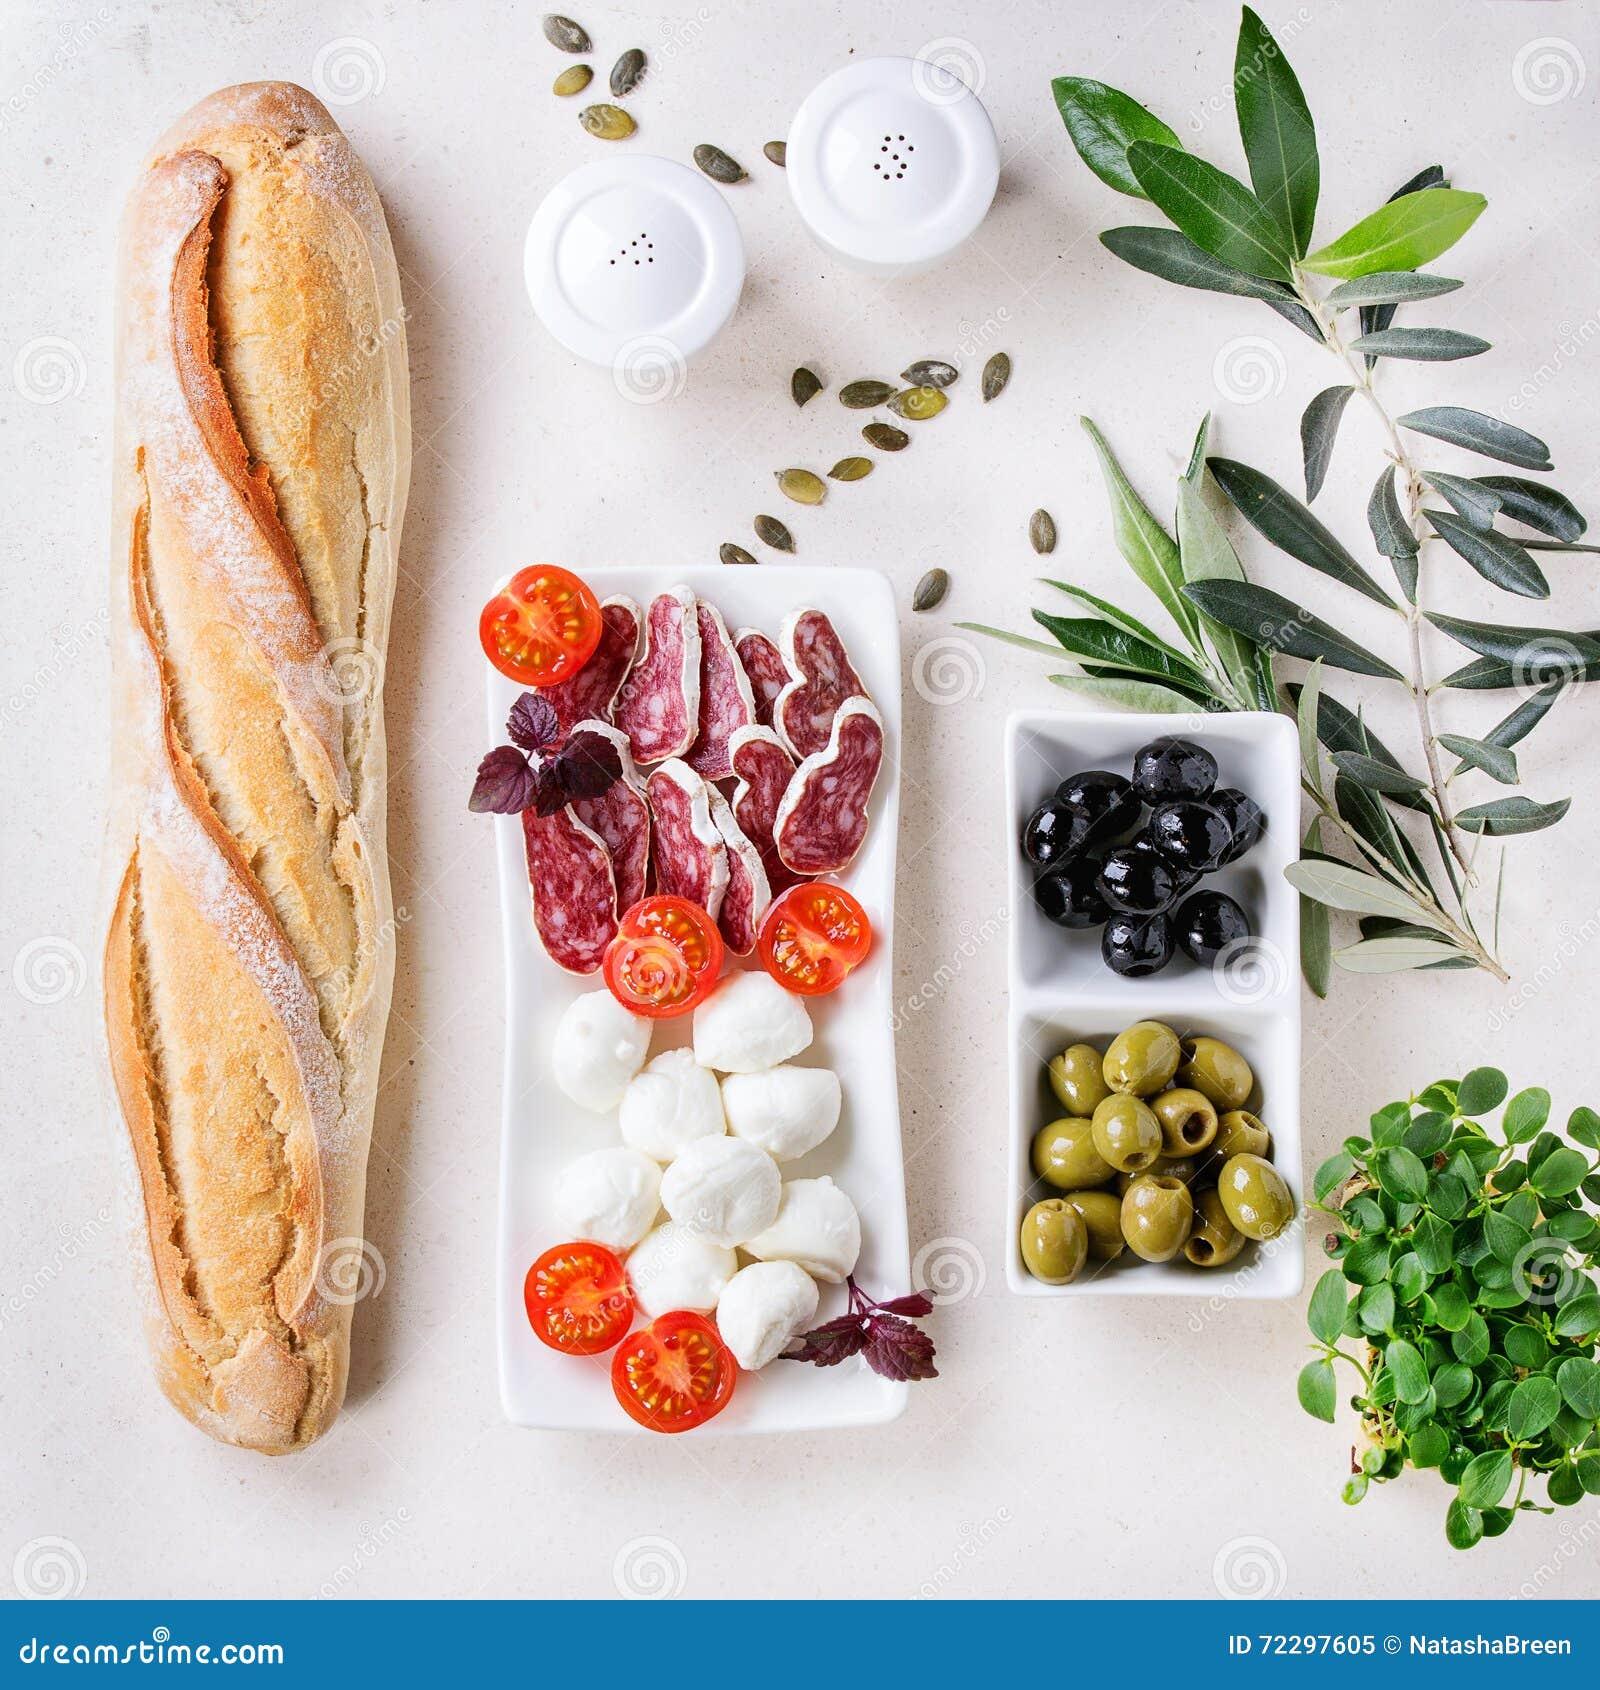 Download Закуска с оливками и хлебом Стоковое Изображение - изображение насчитывающей плоско, свеже: 72297605